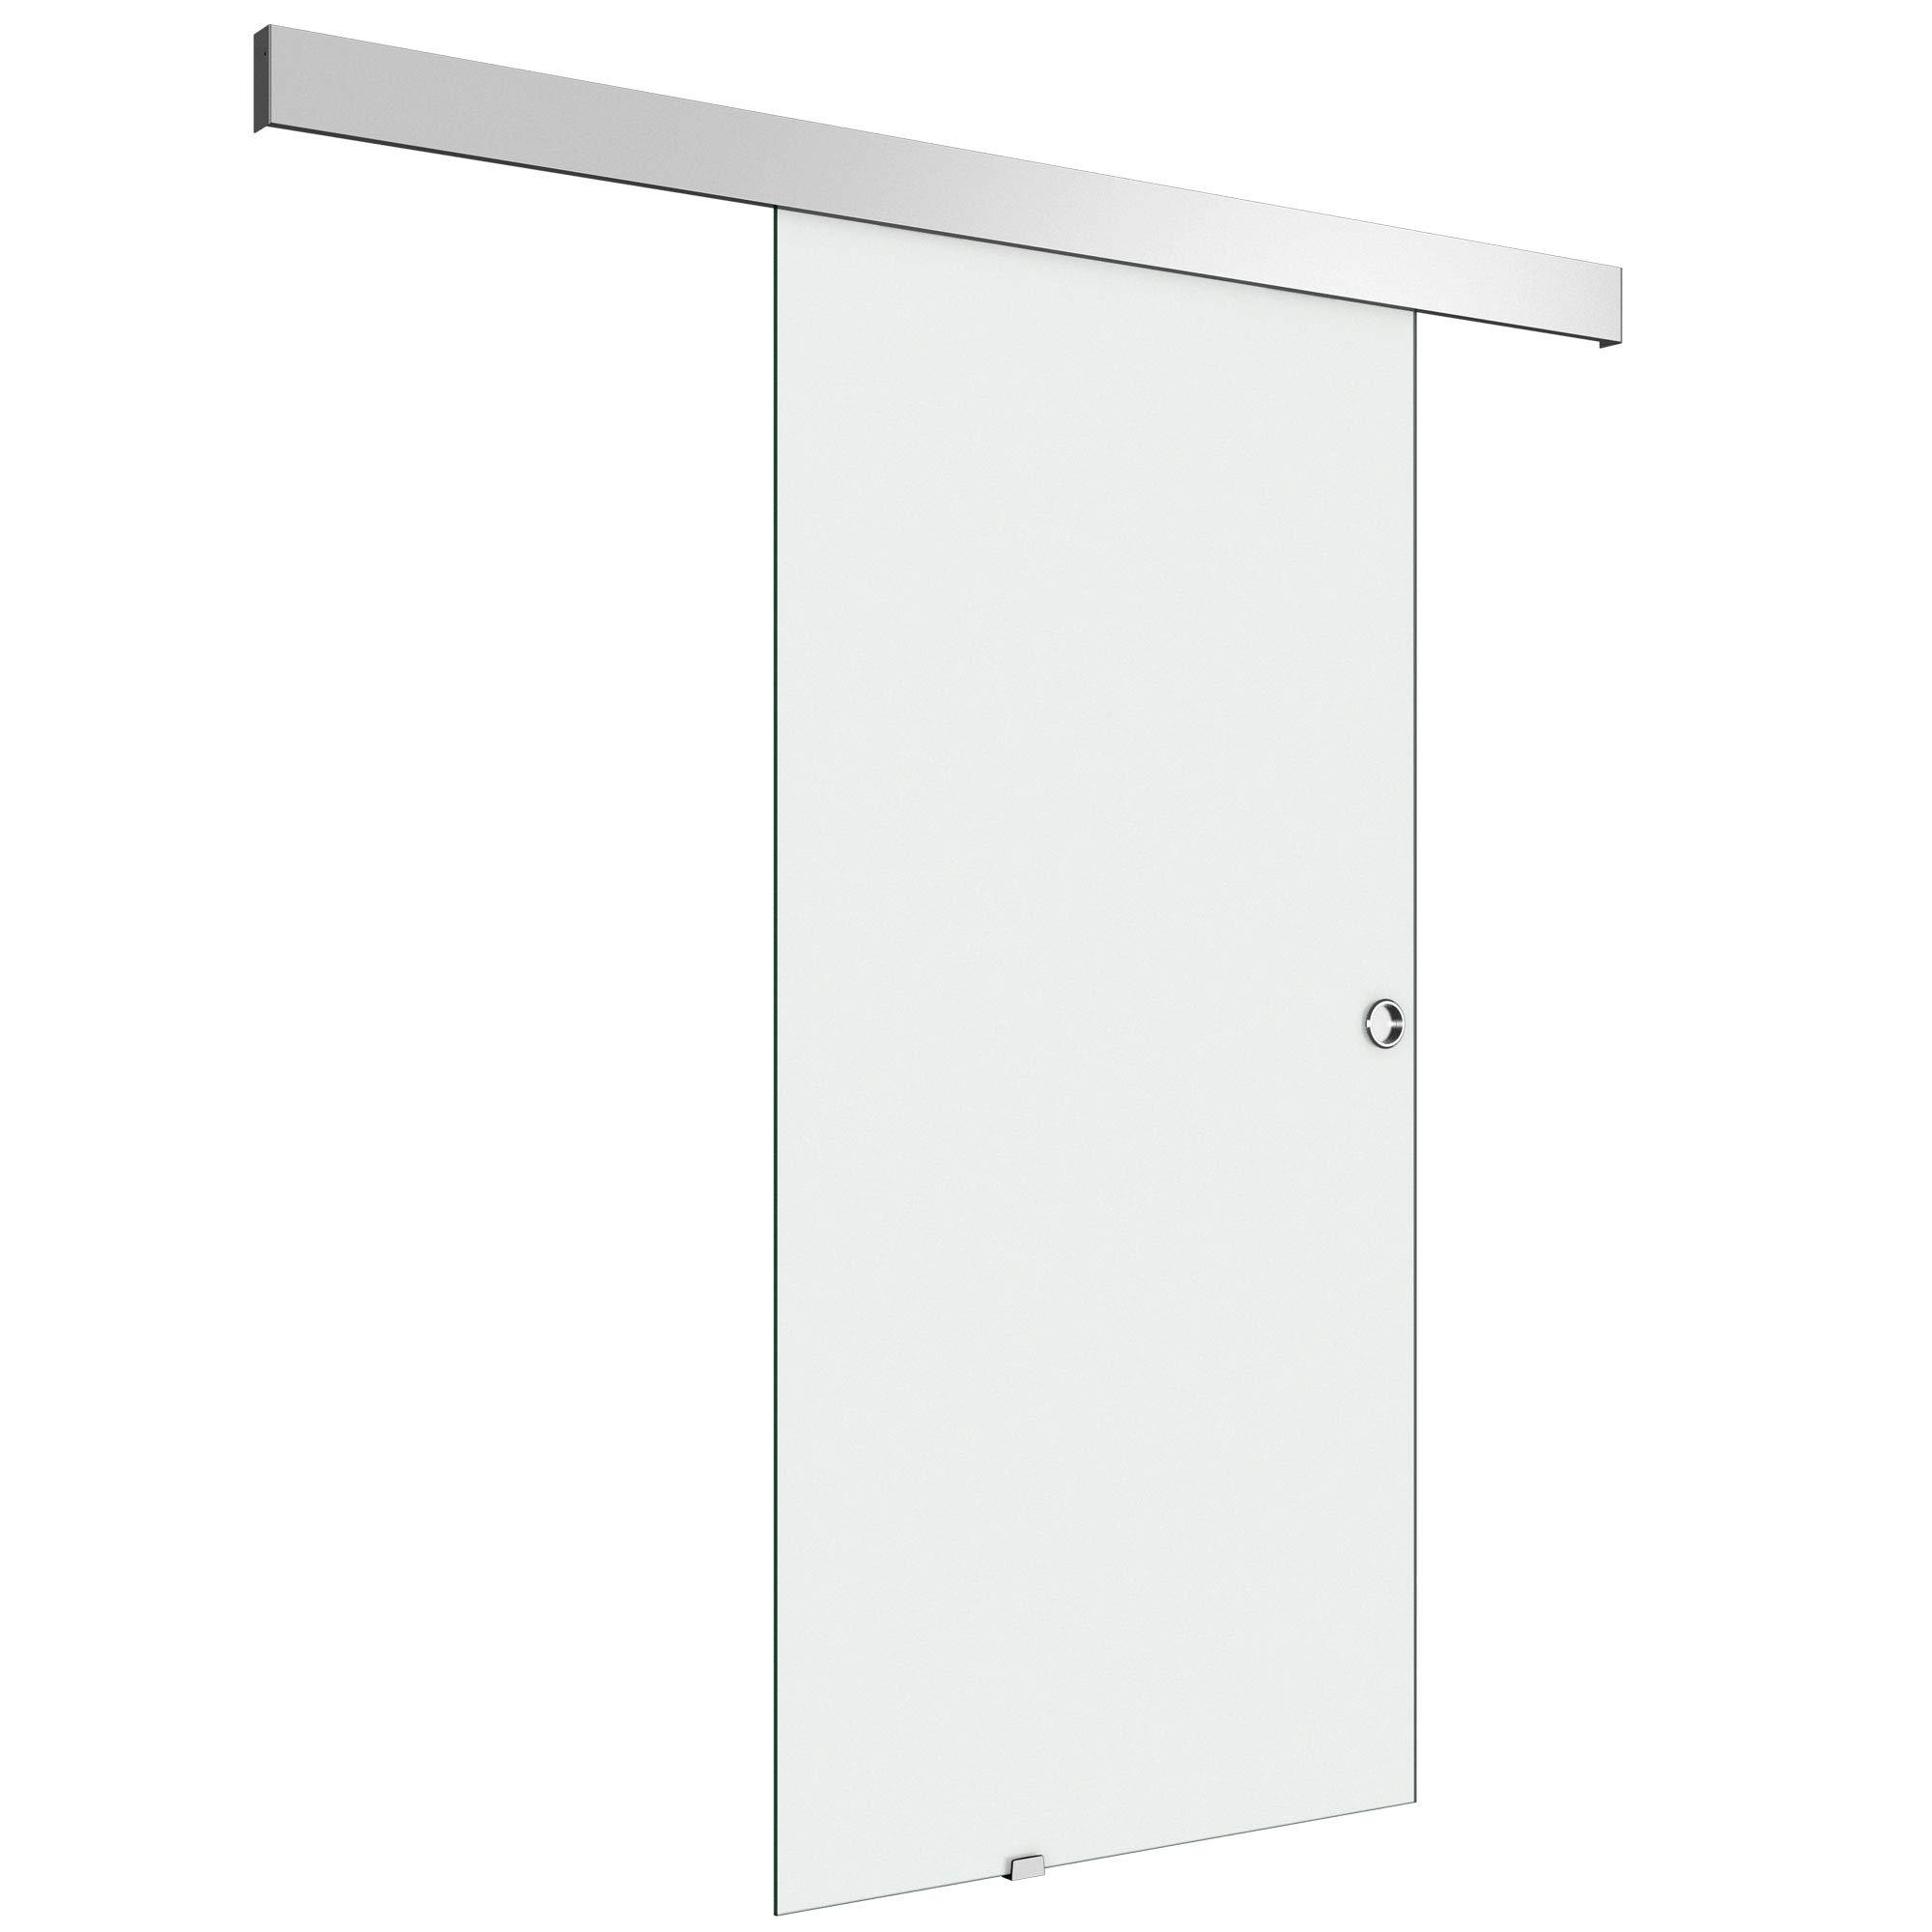 100 x 205 cm Diseño de correderas de cristal de puerta de Amalfi TS12-1000, de vidrio templado de cristal de seguridad satinado: Amazon.es: Bricolaje y herramientas